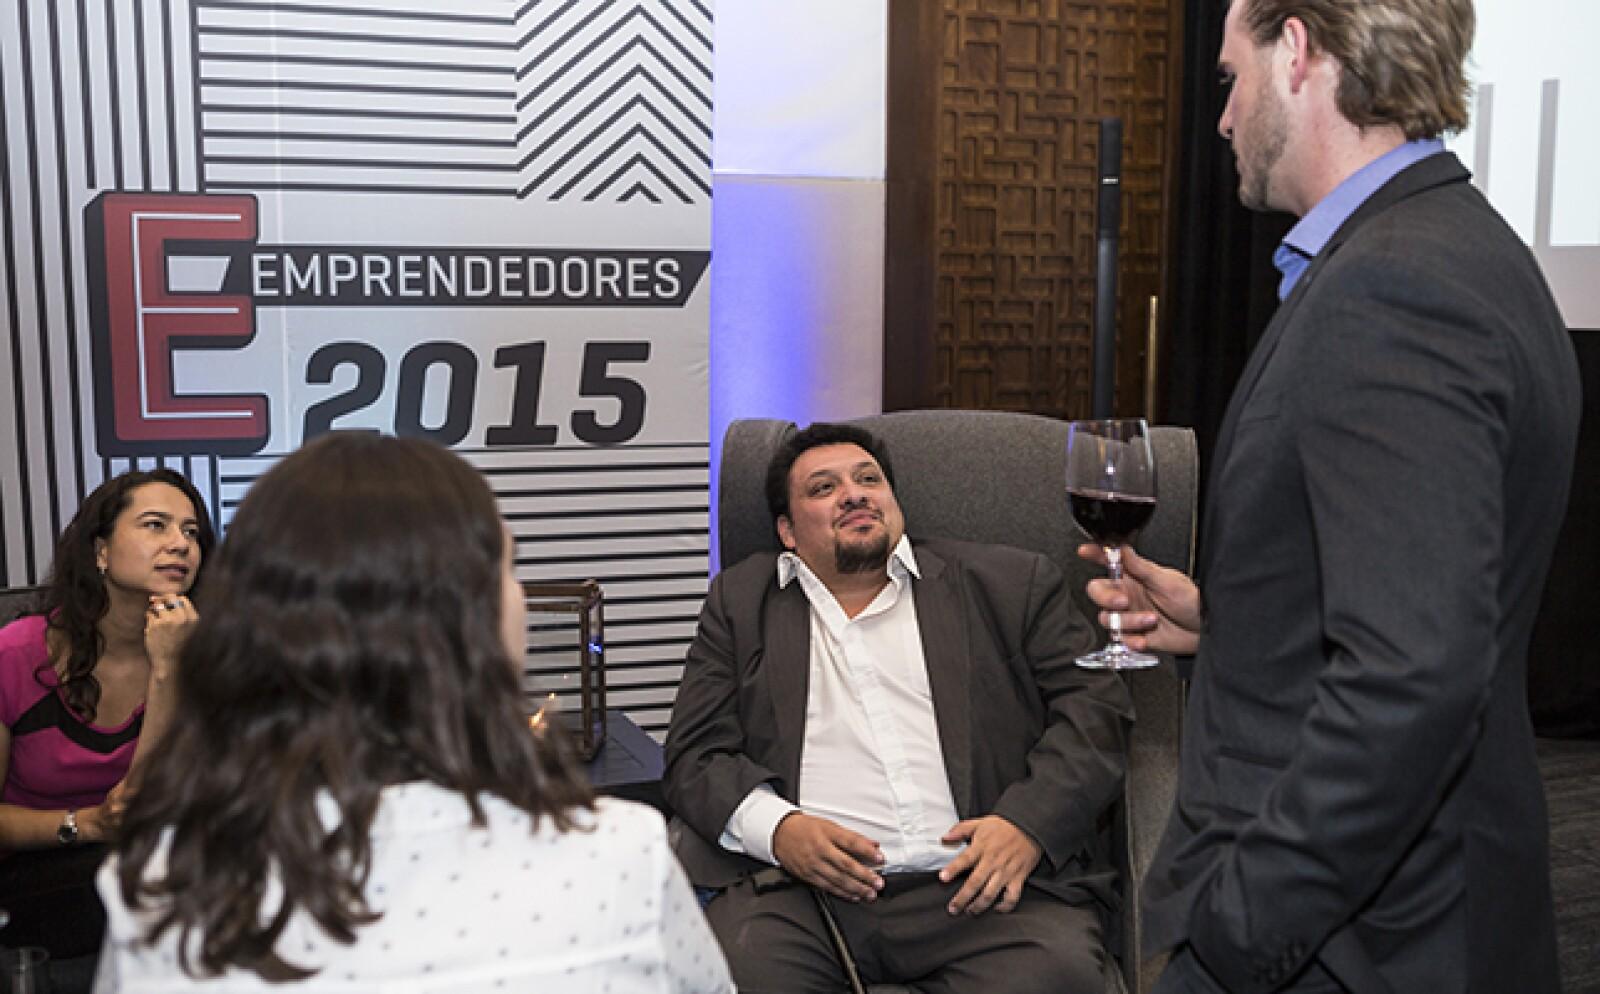 La generación 2015 tendrá acceso a más de 50 aliados de Expansión como mentores, jueces y emprendedores de otras generaciones que forman parte del ecosistema emprendedor. Ulises Bacilio de Grupo PTM, ganador en 2014, convive con un finalista.